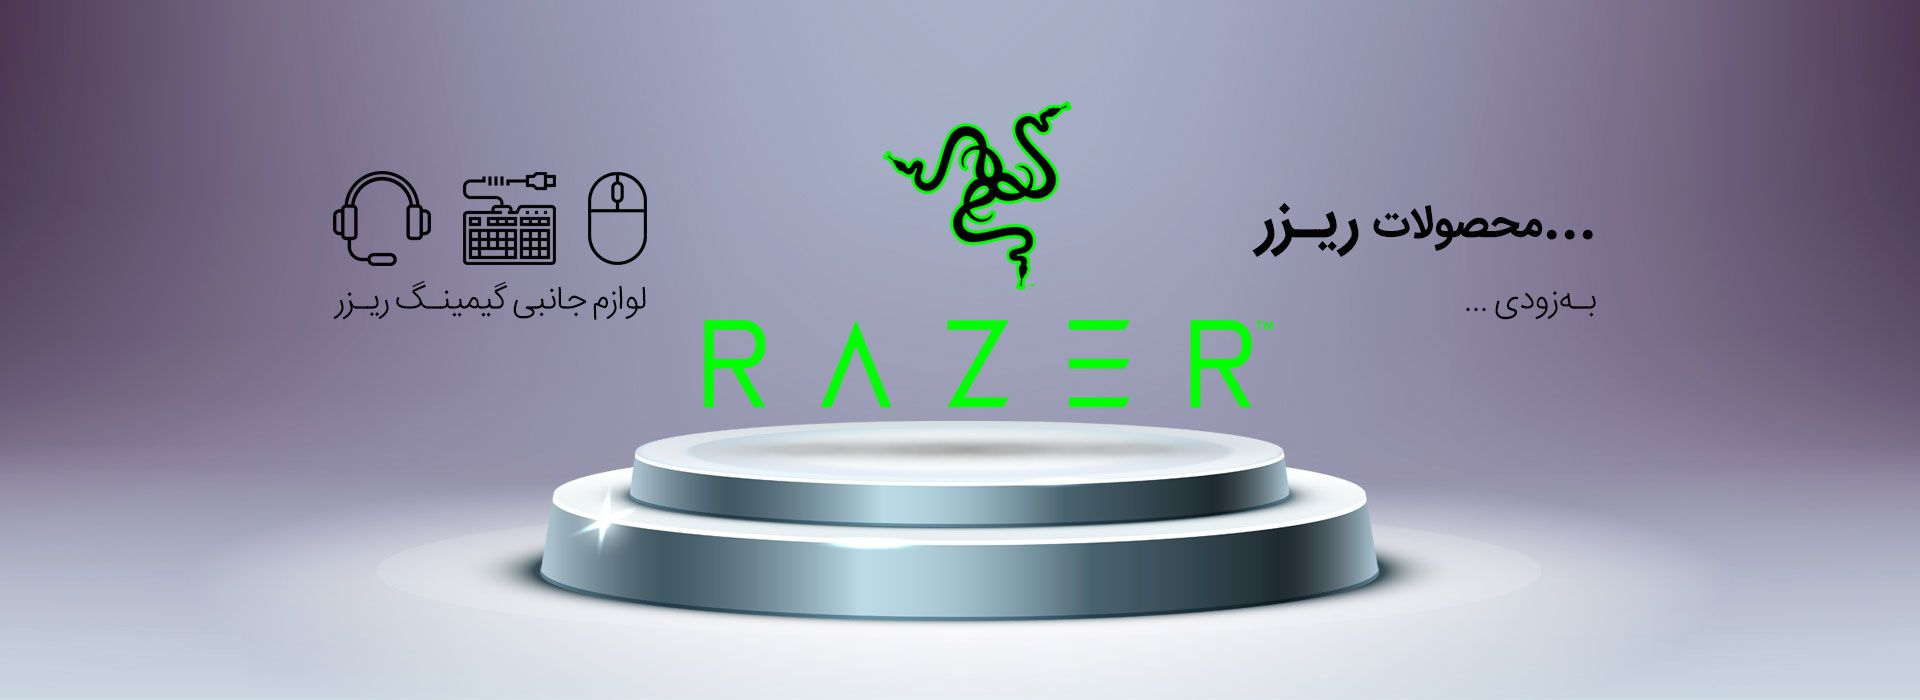 محصولات (Razer)ریزر